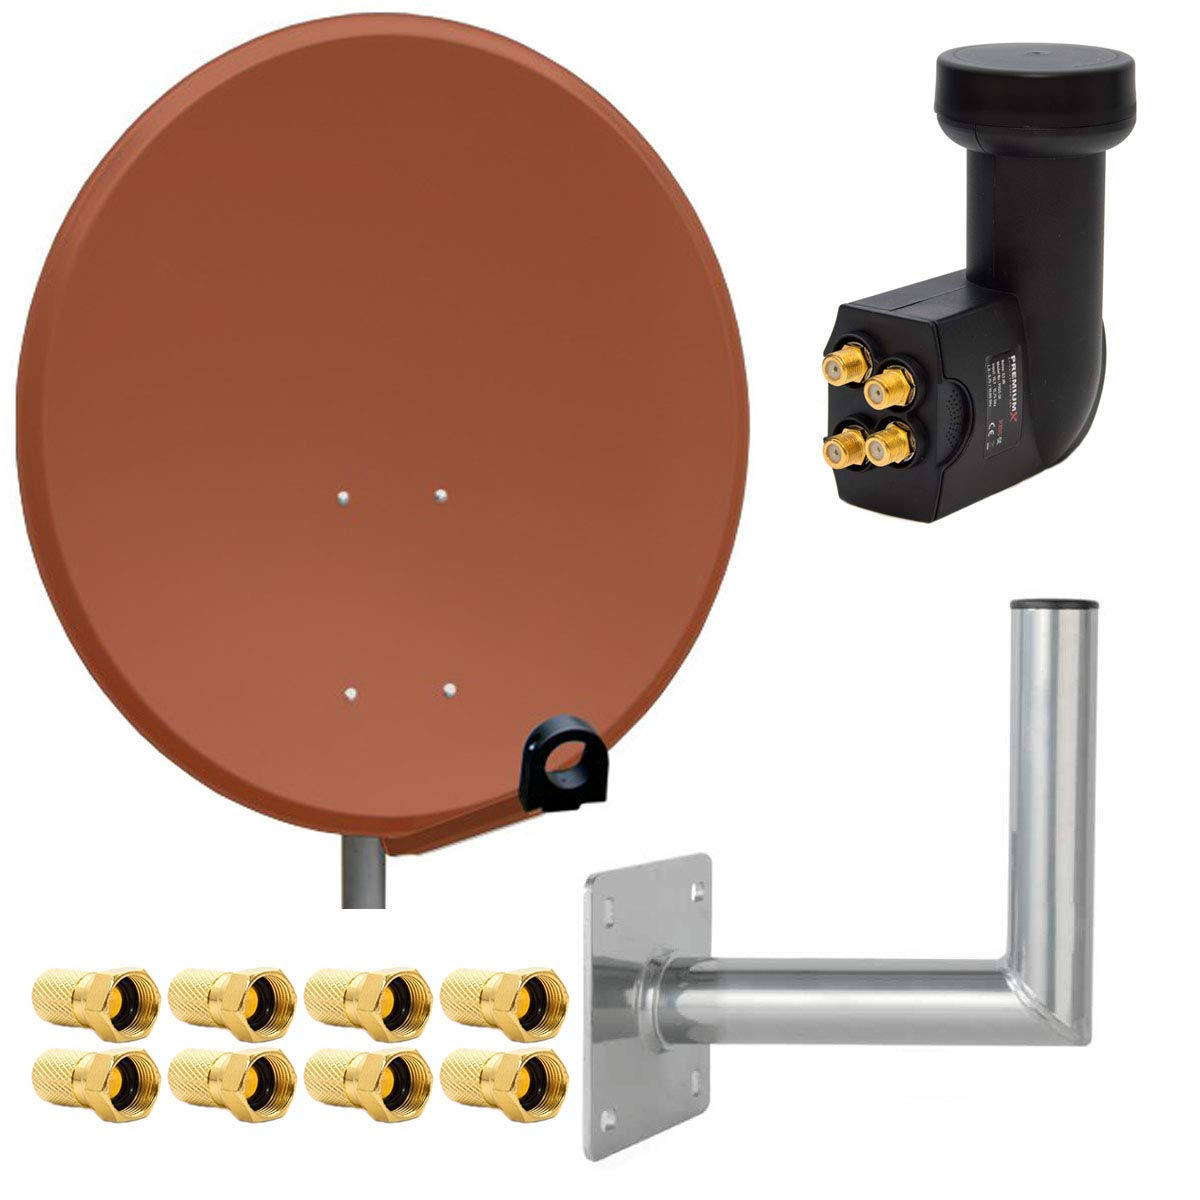 Wandhalter 25cm ALU T/ÜV-Gepr/üft 8 F-Stecker 7mm PremiumX Digital SAT Anlage 80 cm Stahl Sch/üssel Spiegel Antenne Anthrazit Quad LNB PXQS-SE 0,1dB f/ür 4 Teilnehmer